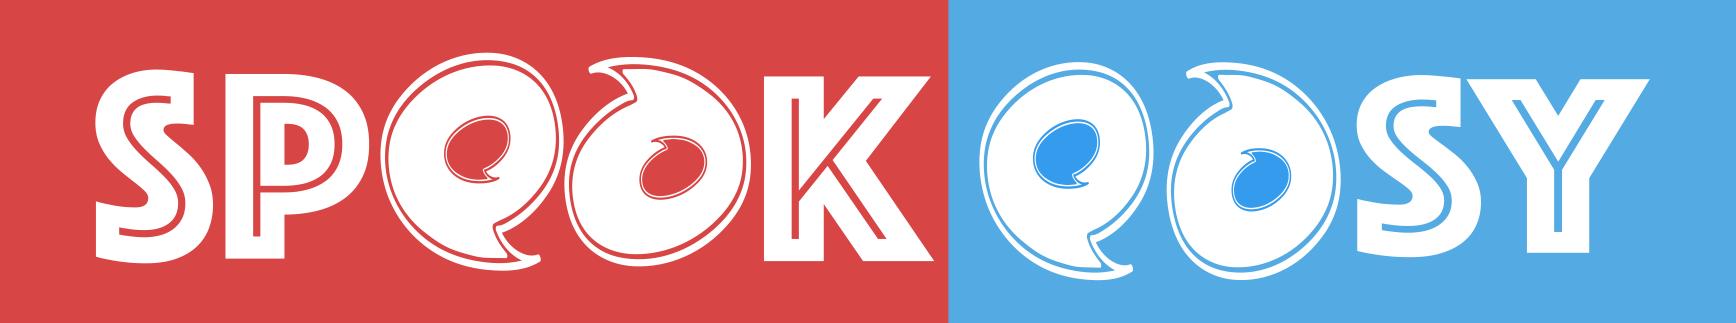 Speak Easy Logo (Long).png